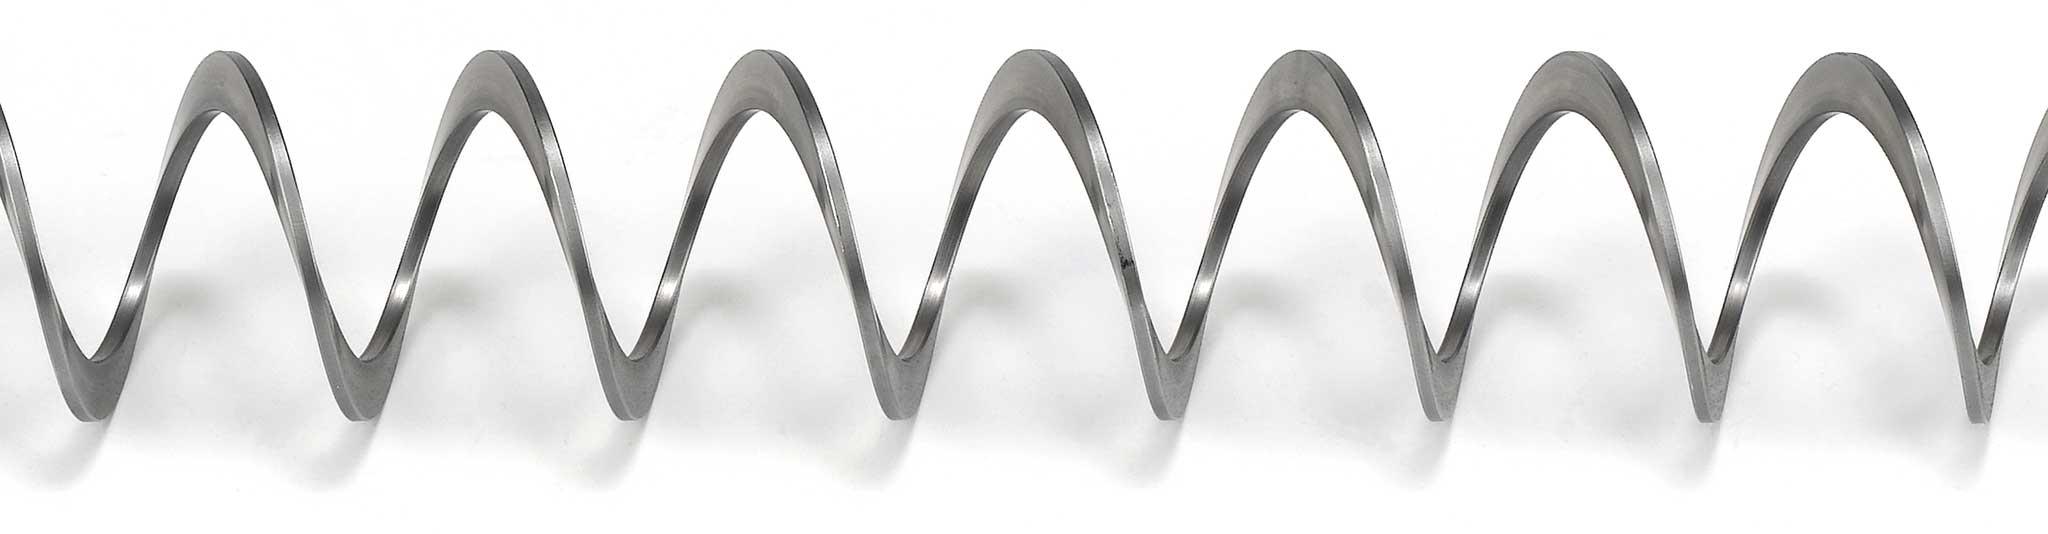 Turbolatori a molla per caldaie e scambiatori di calore_04 - Eurospiral